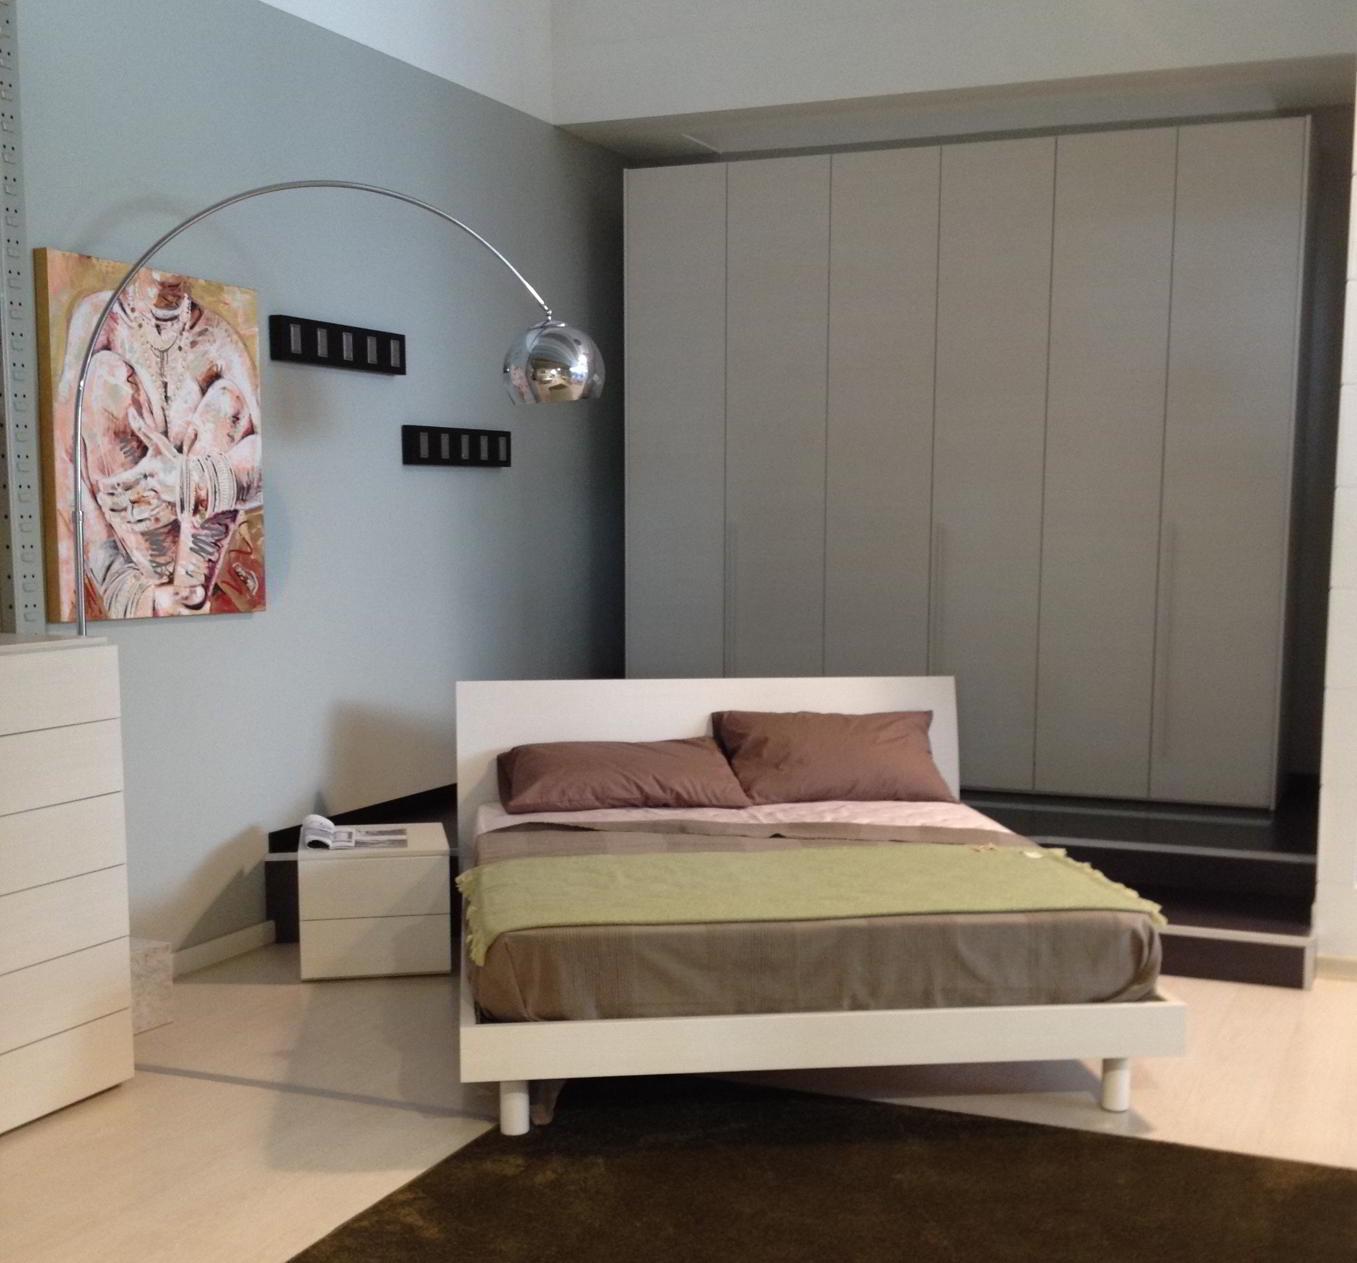 Ikea tappeti camera da letto tappeti per camera da letto fresco best ikea letto a s parsa - Camera da letto completa ikea ...